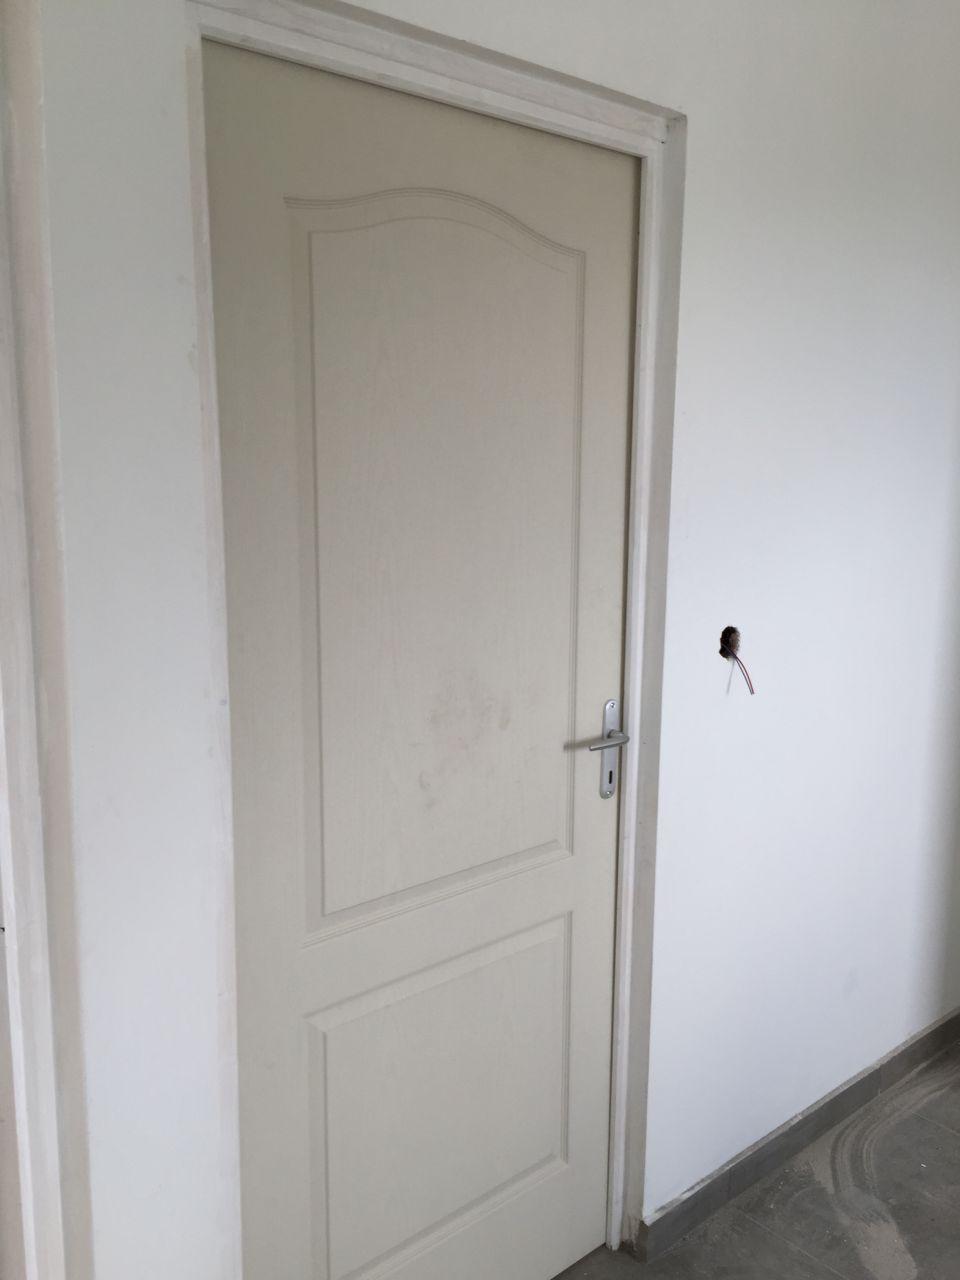 Porte  post formée creuse et peu solide qui n'est pas isophonique